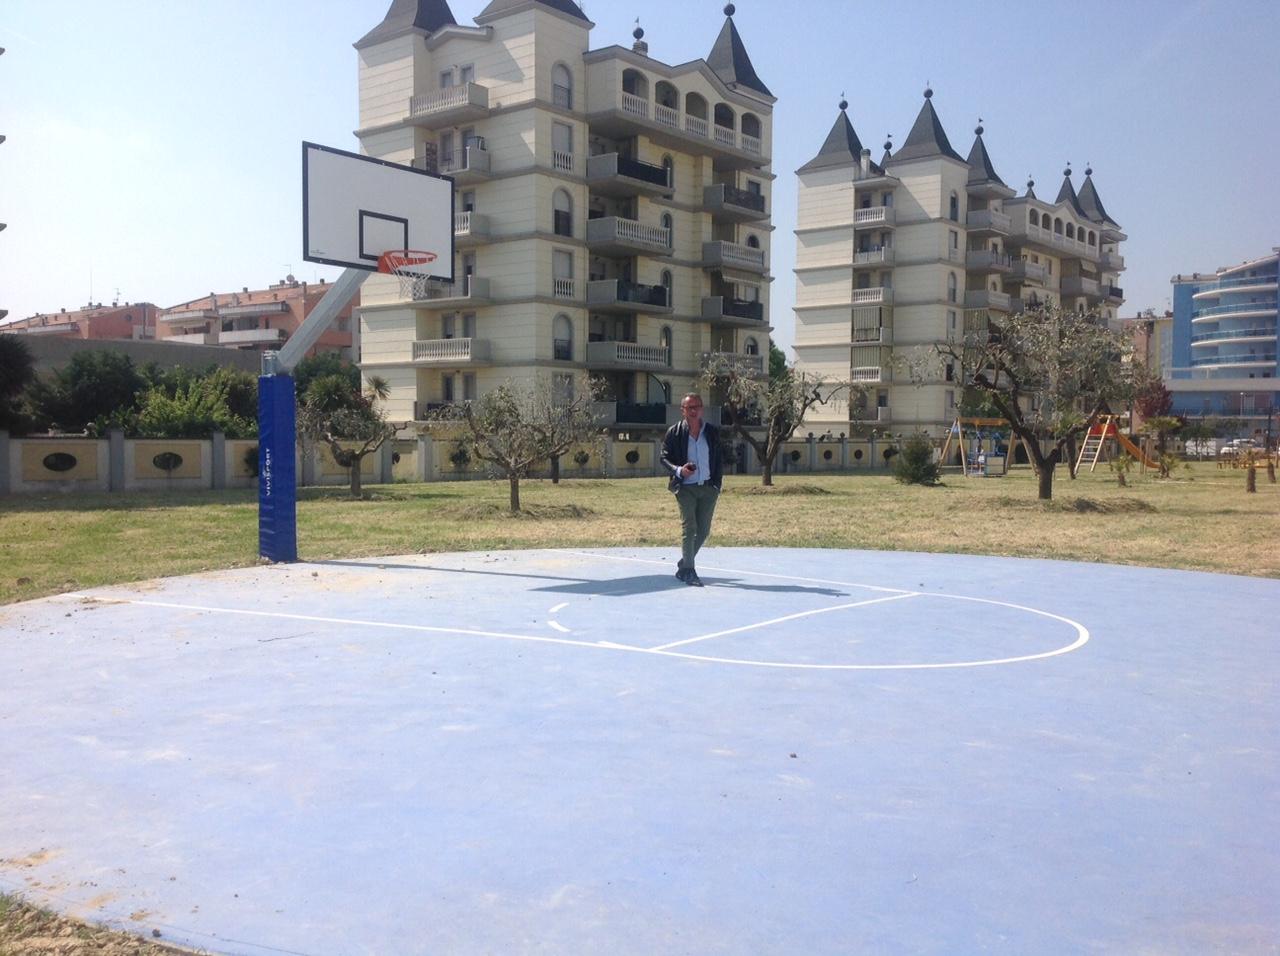 Pronti i campi da basket nel parco Falcone e nel parco Le Favole